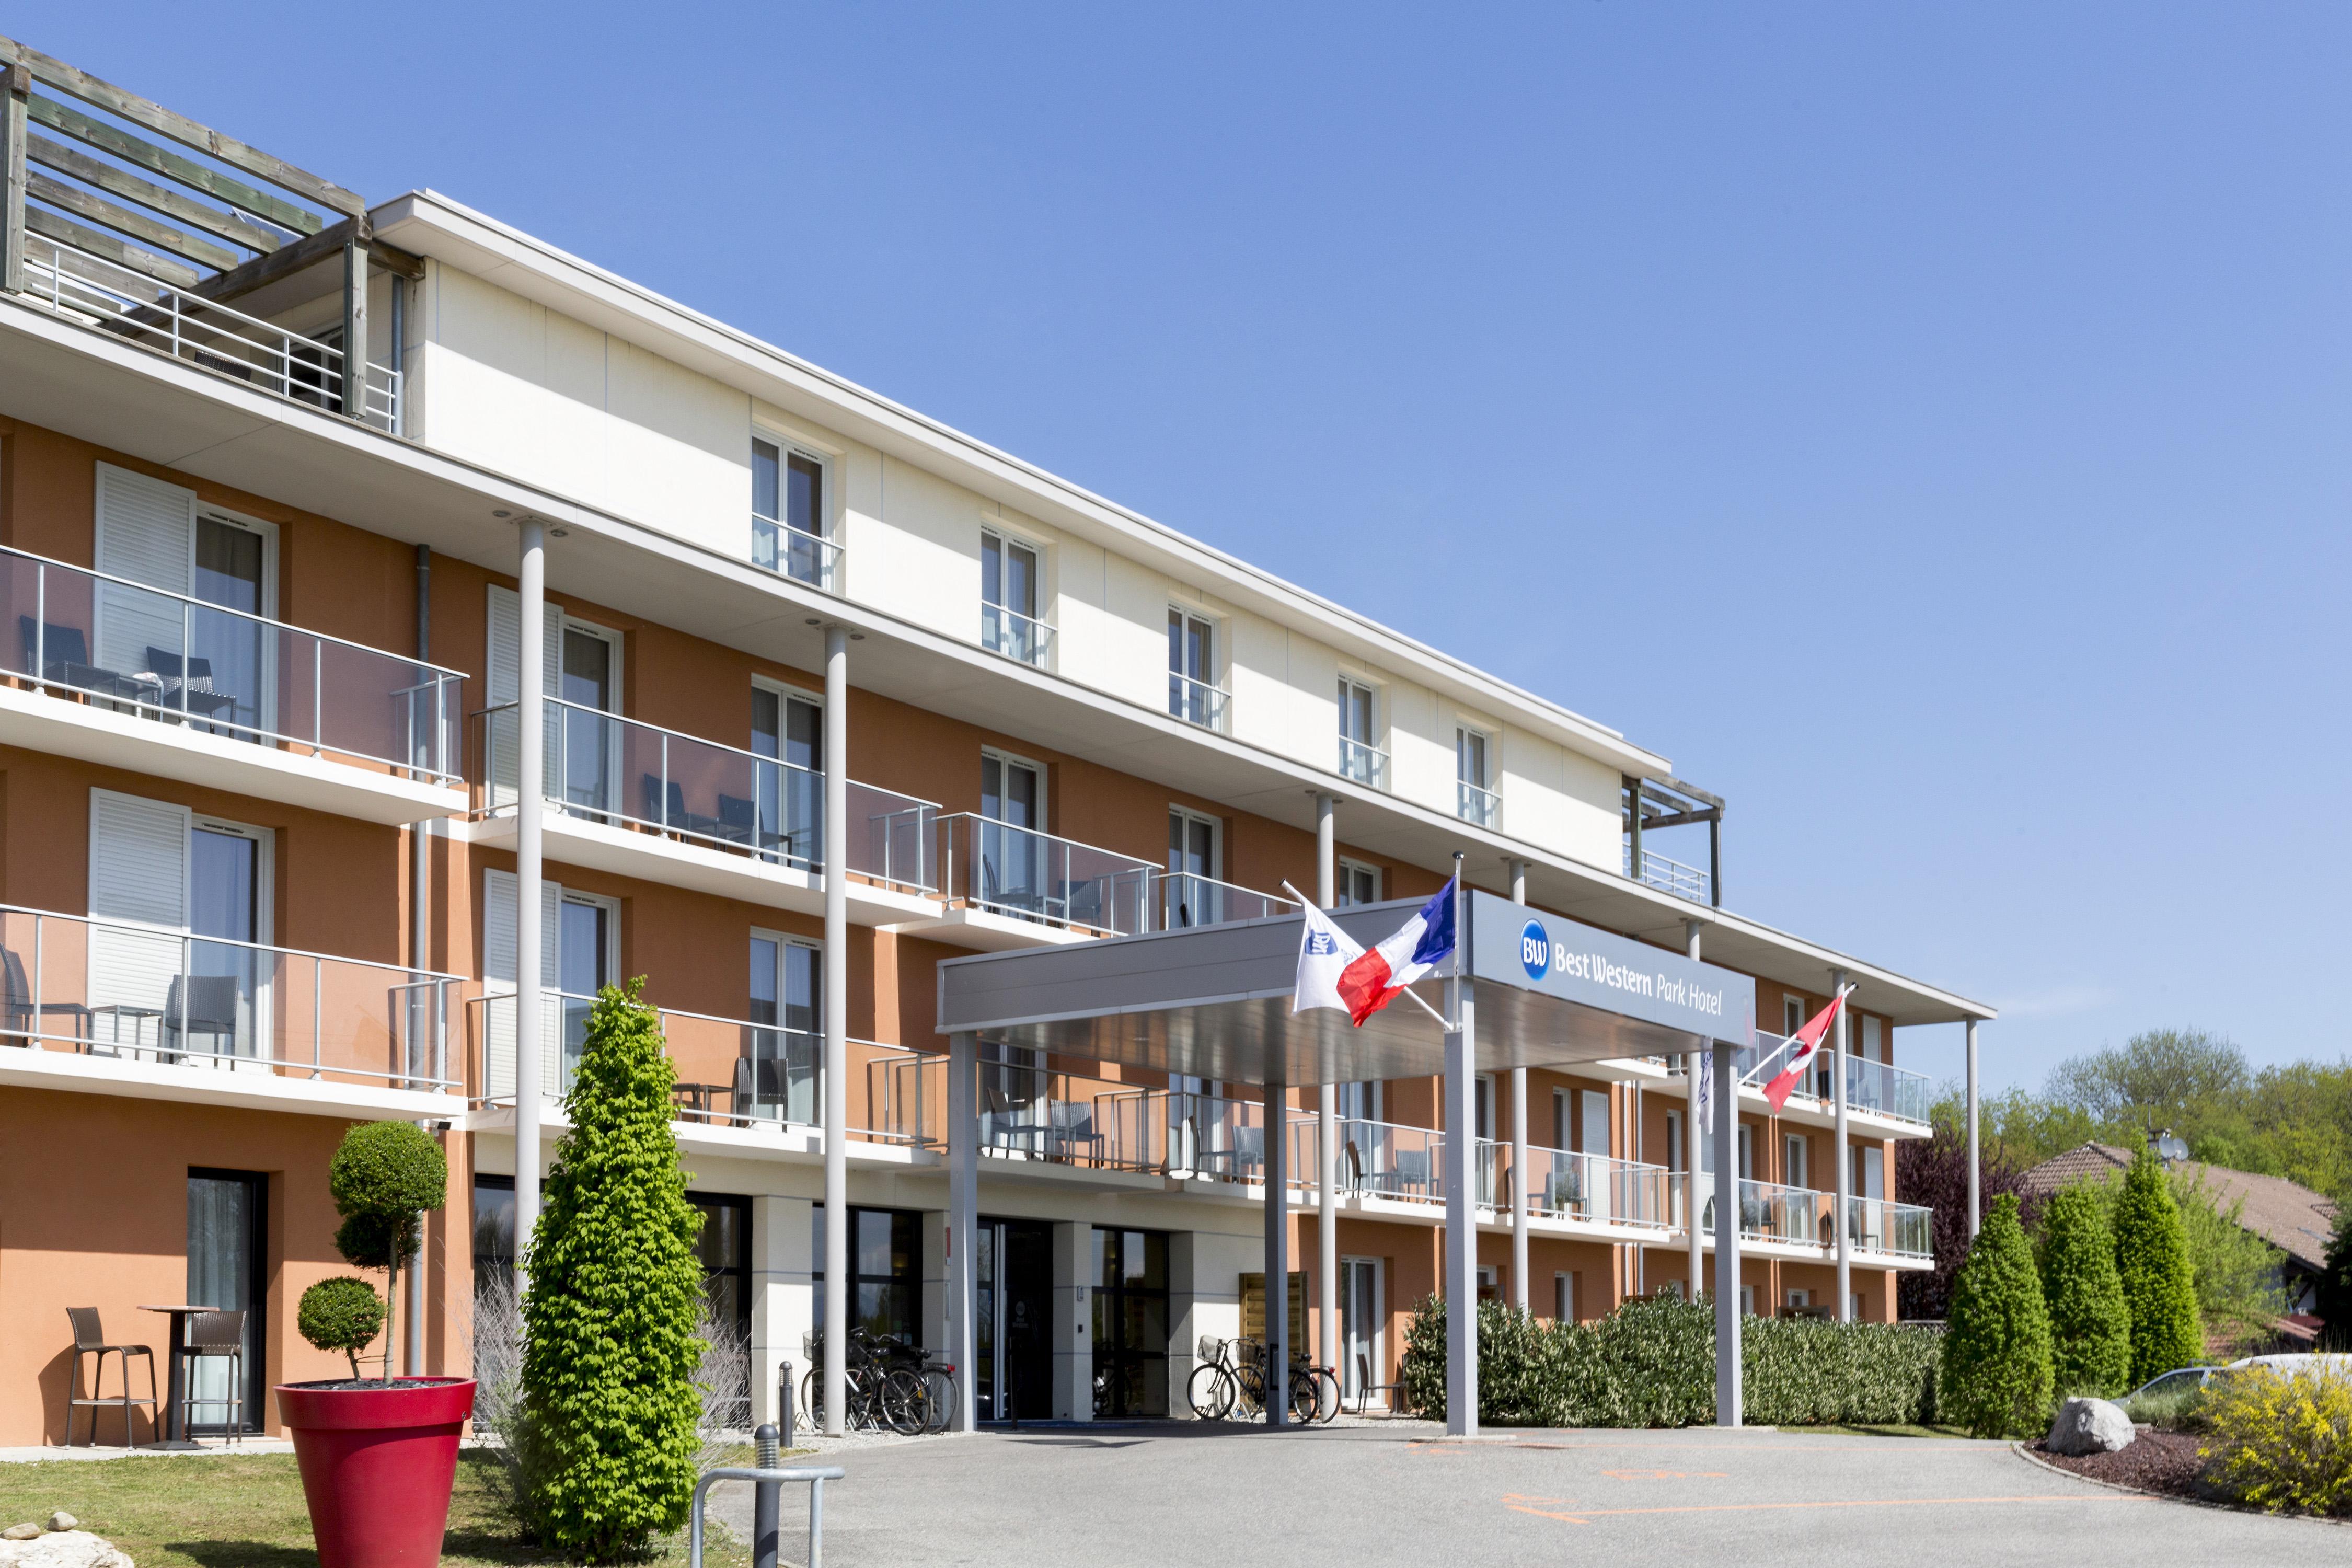 facade1-BW